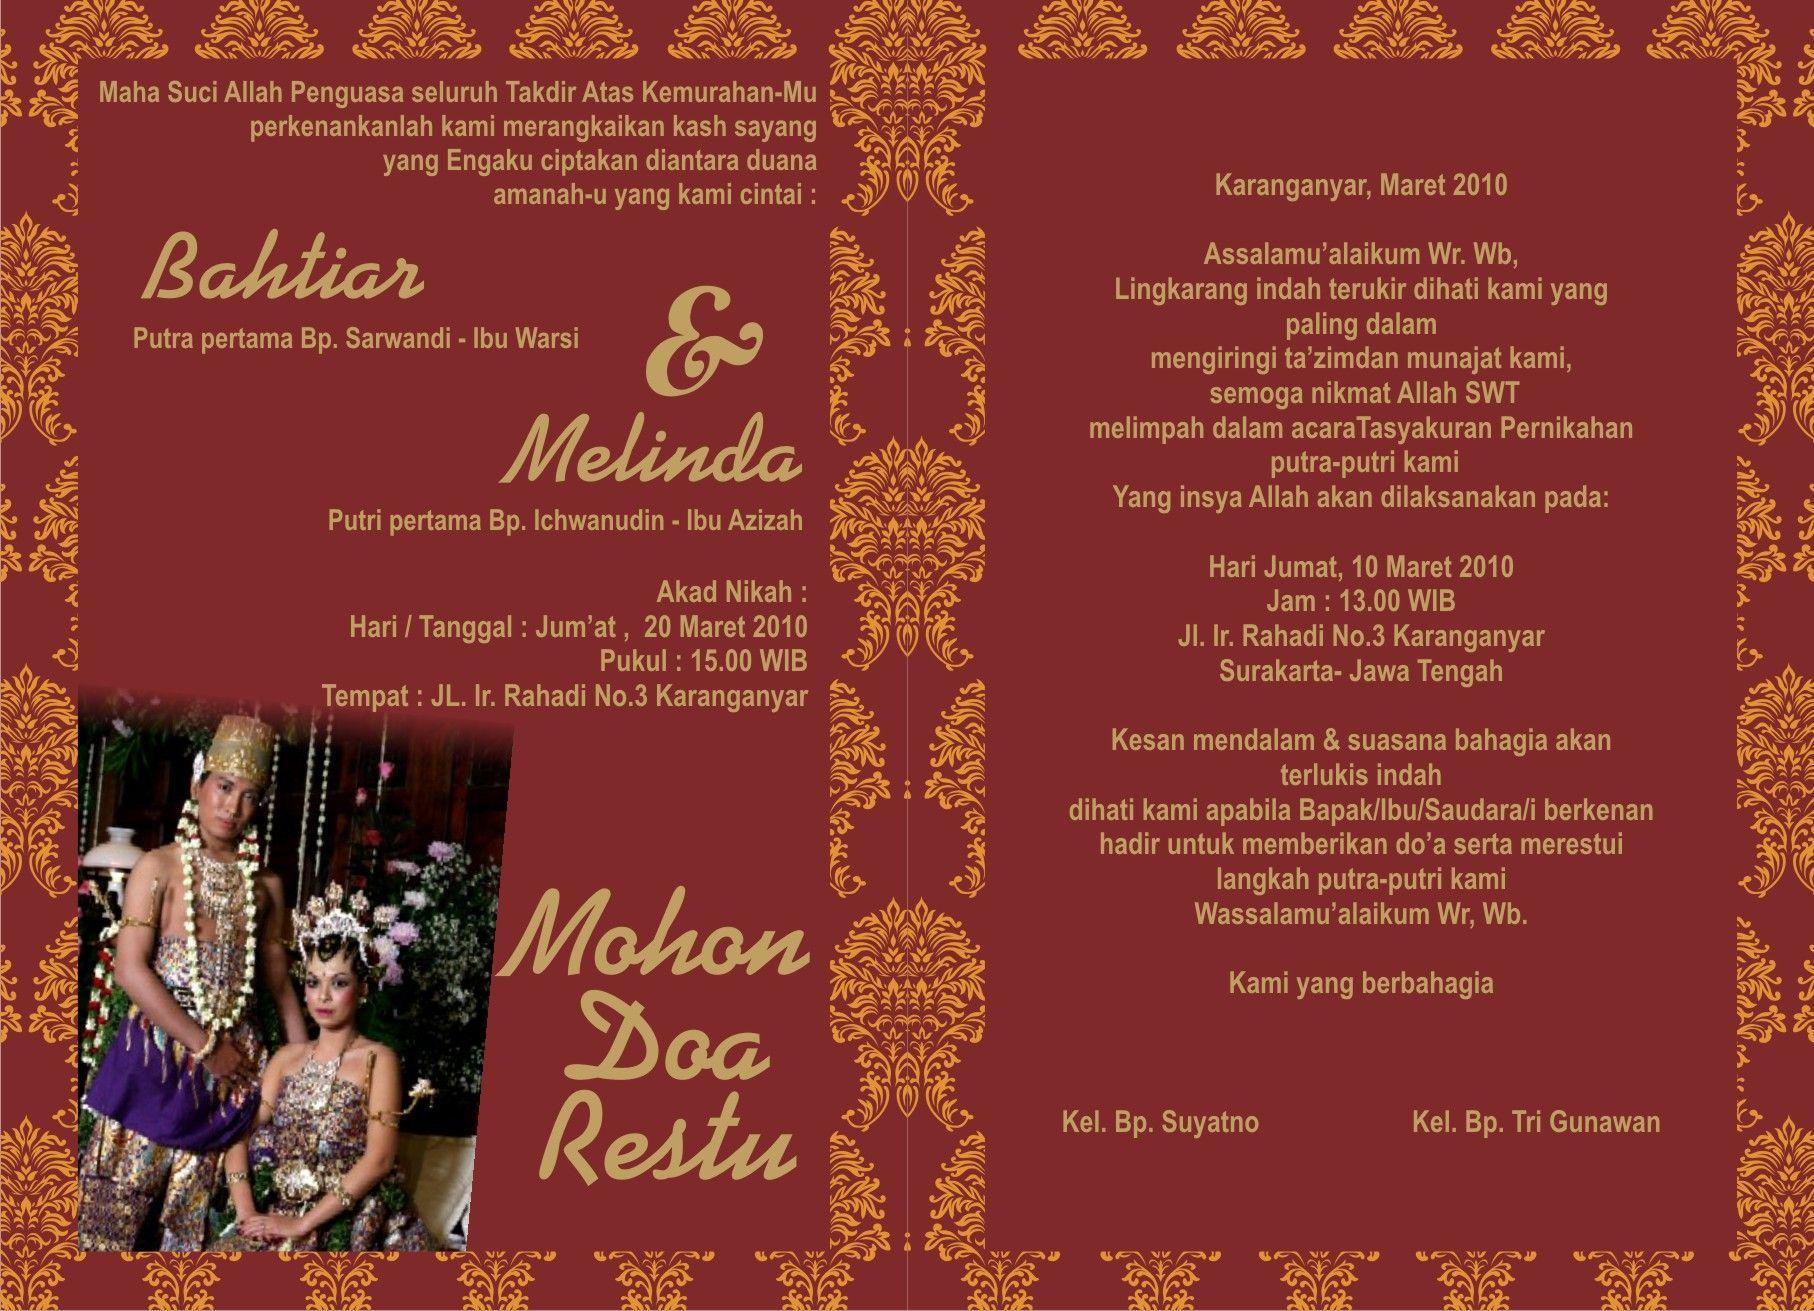 Template Undangan Pernikahan | undangan | Pinterest | Template